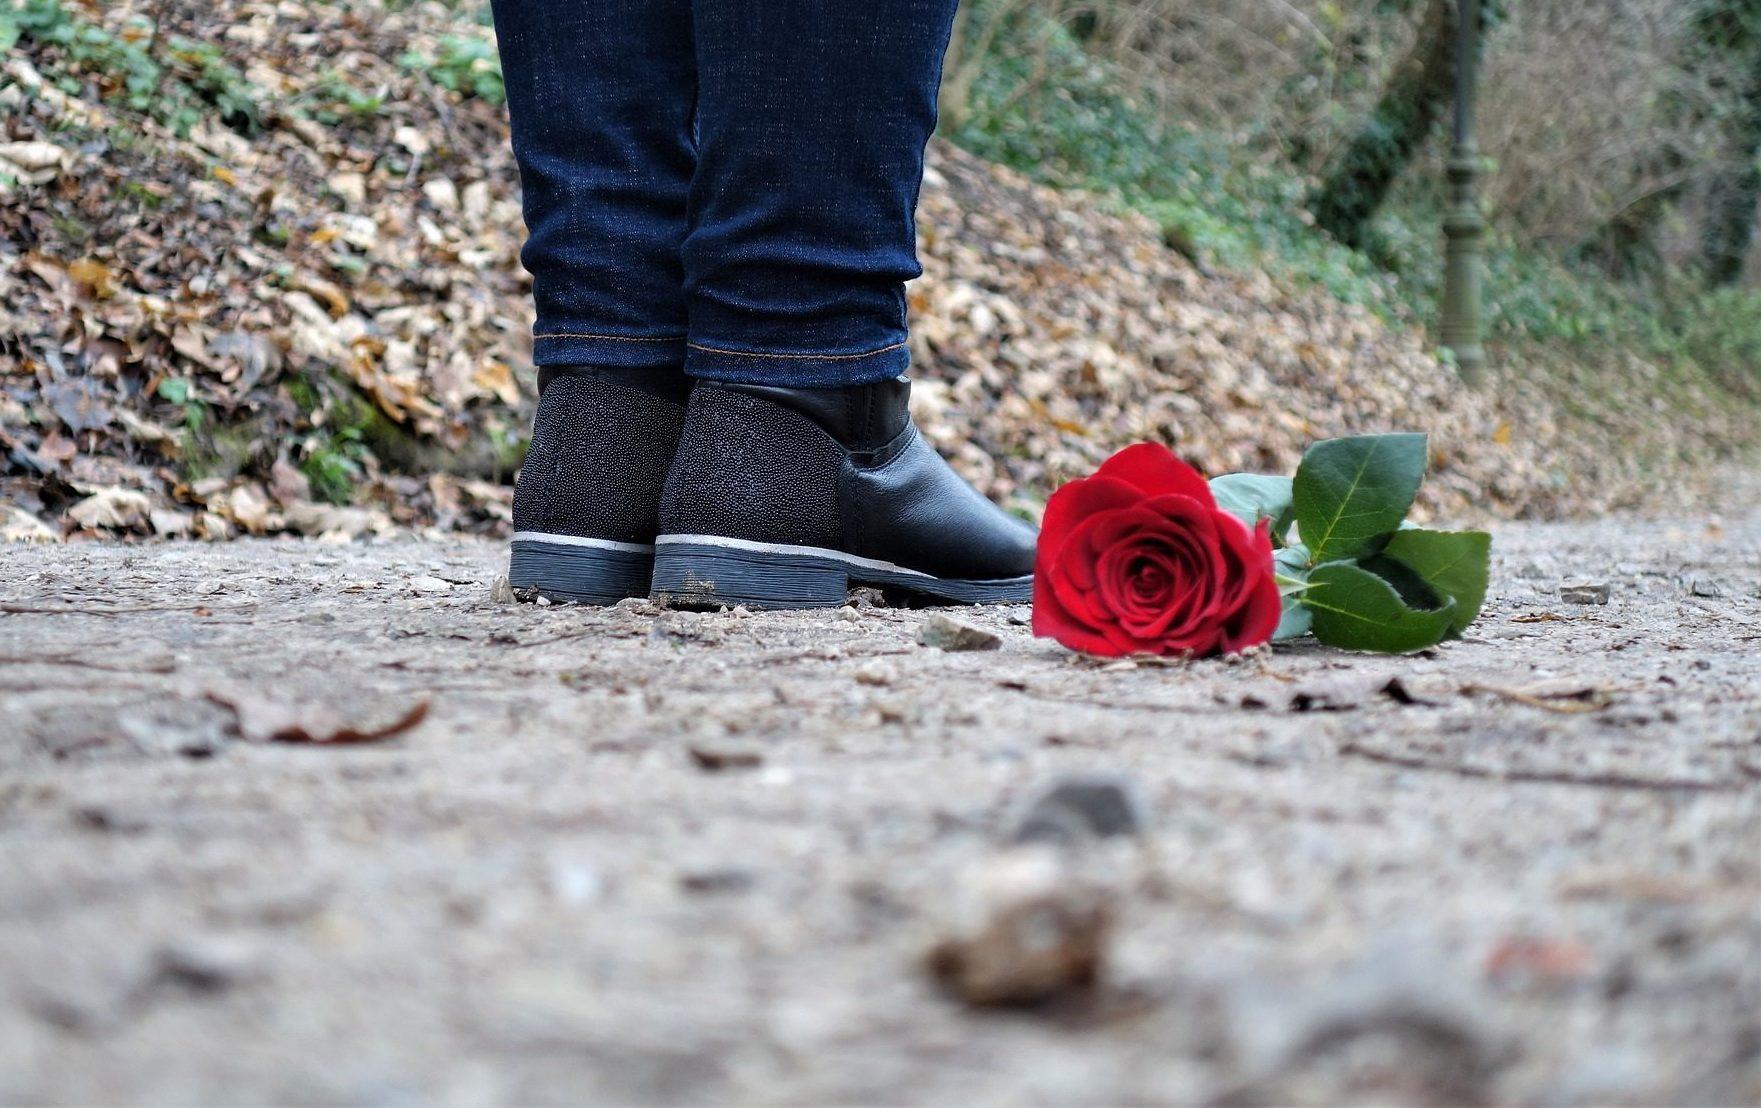 Tik Tok, challege mortale: muore a Palermo bimba di 10 anni